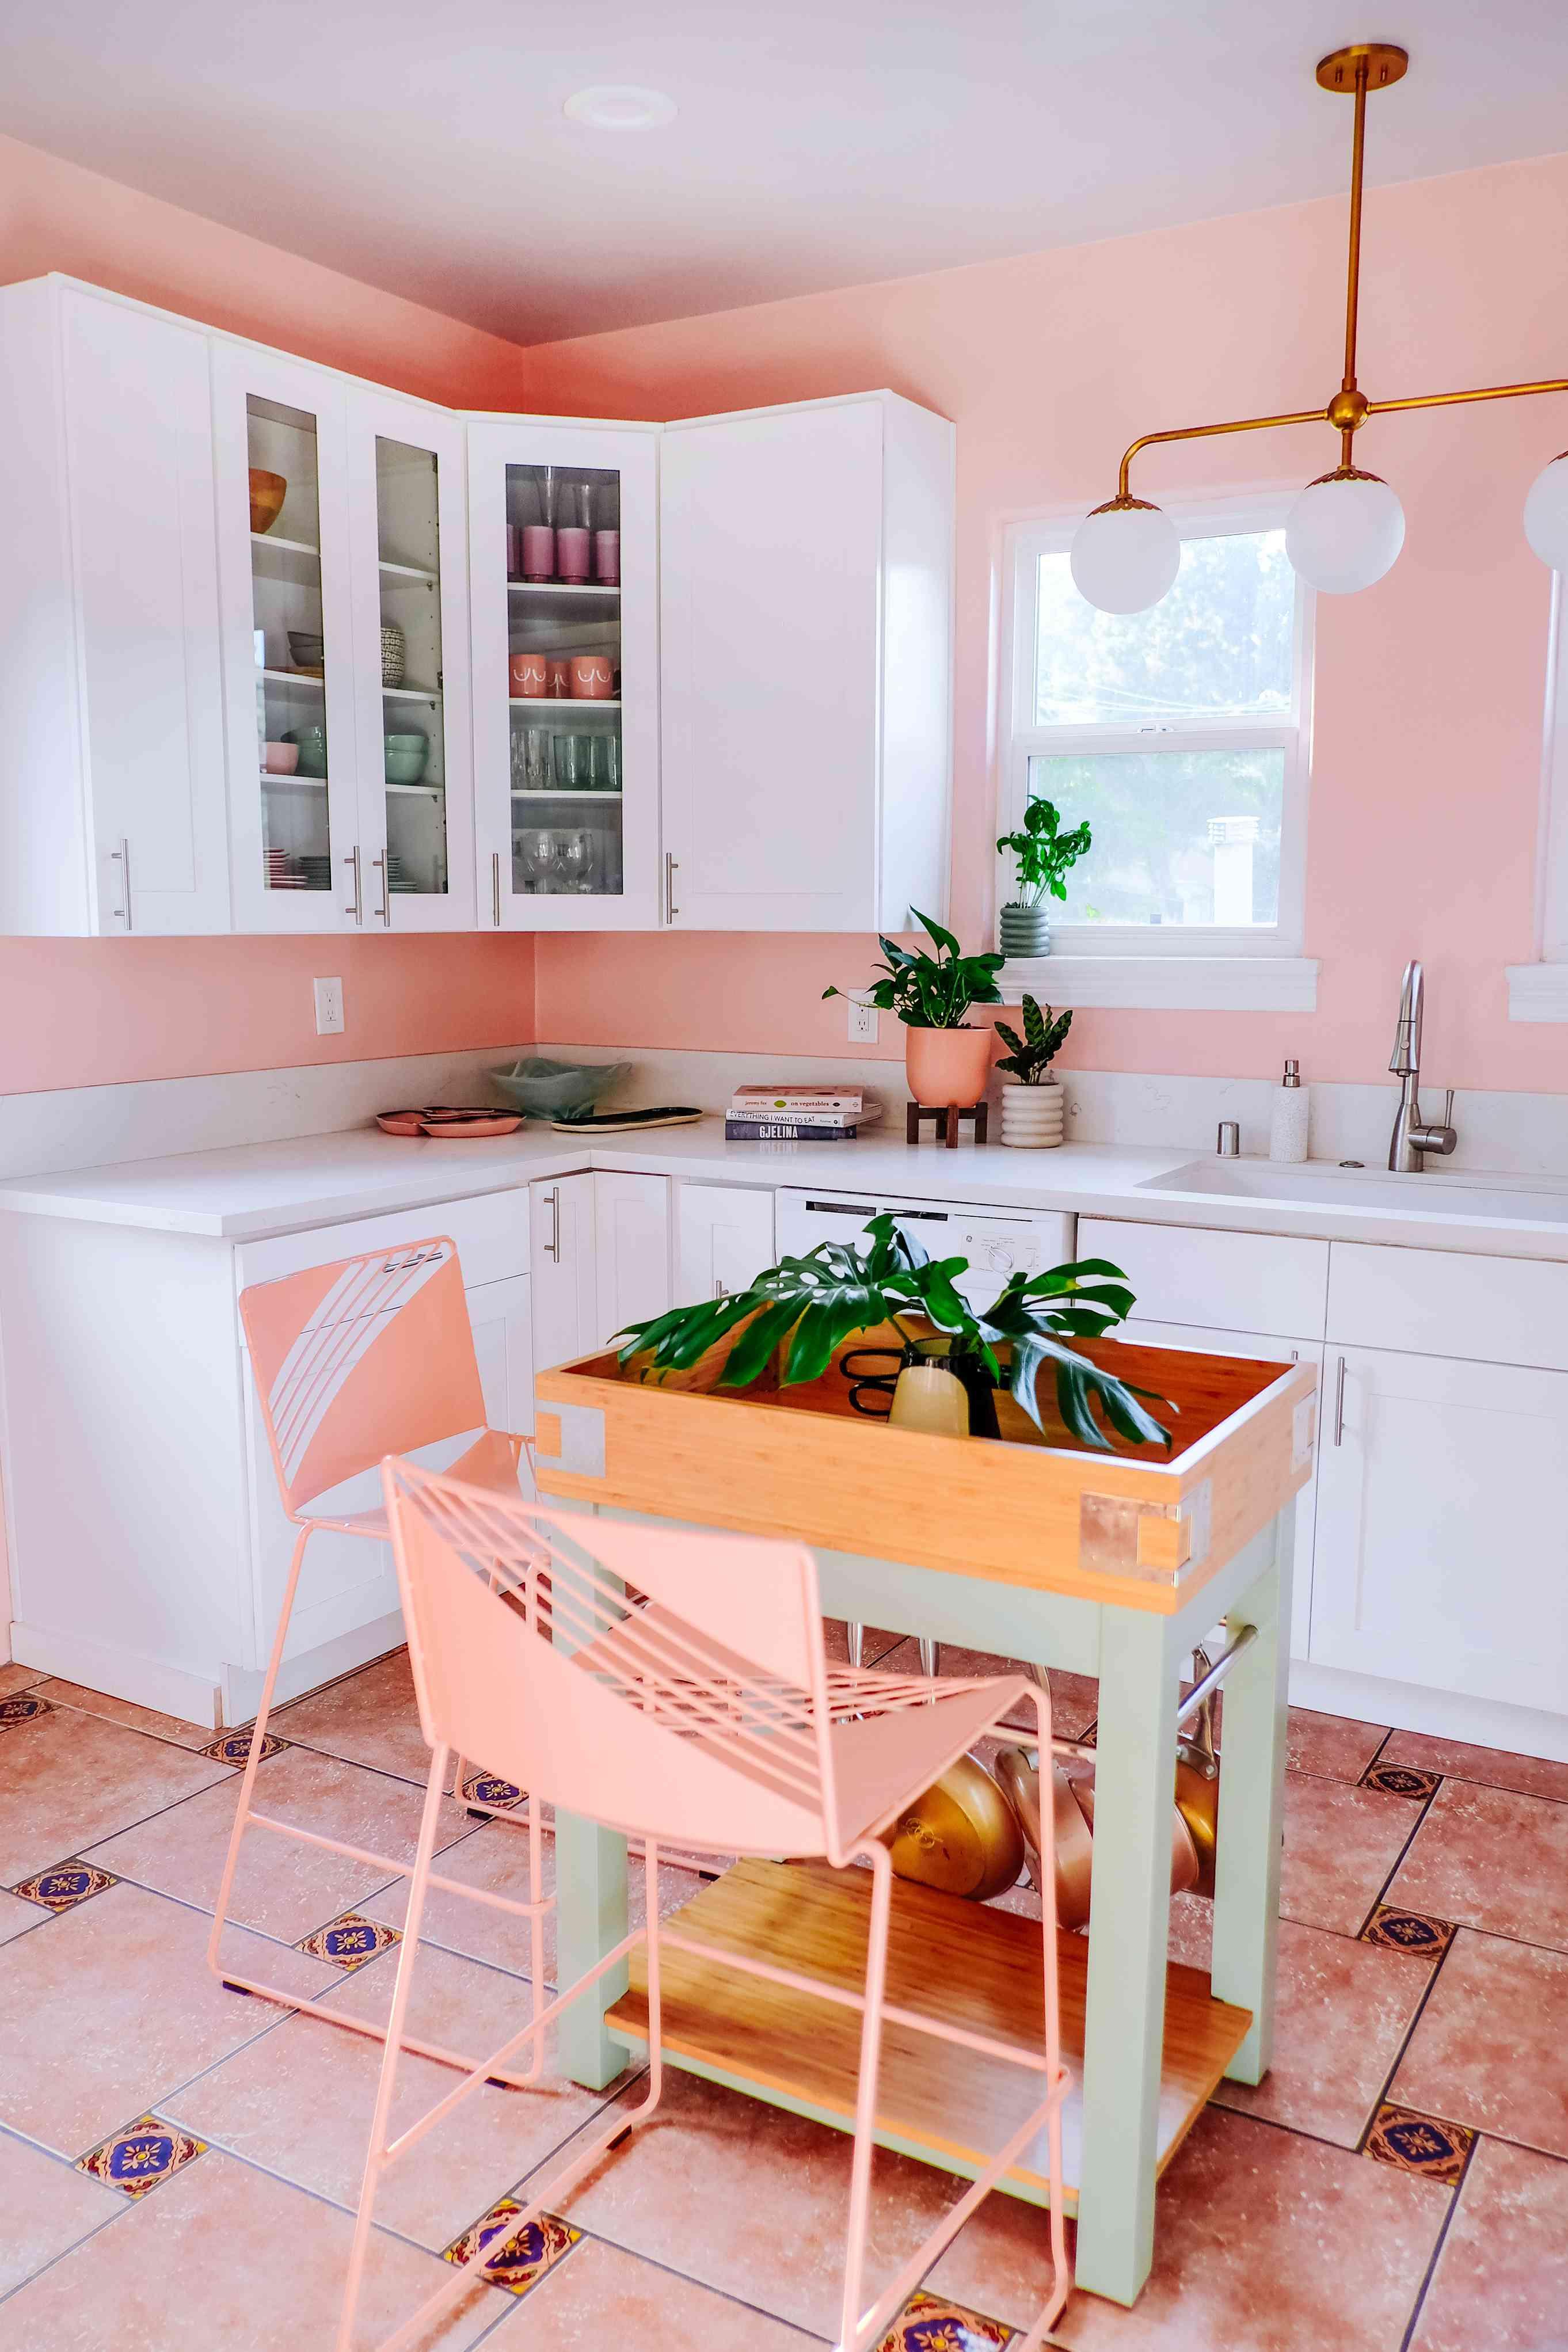 best kitchen ideas - pink kitchen